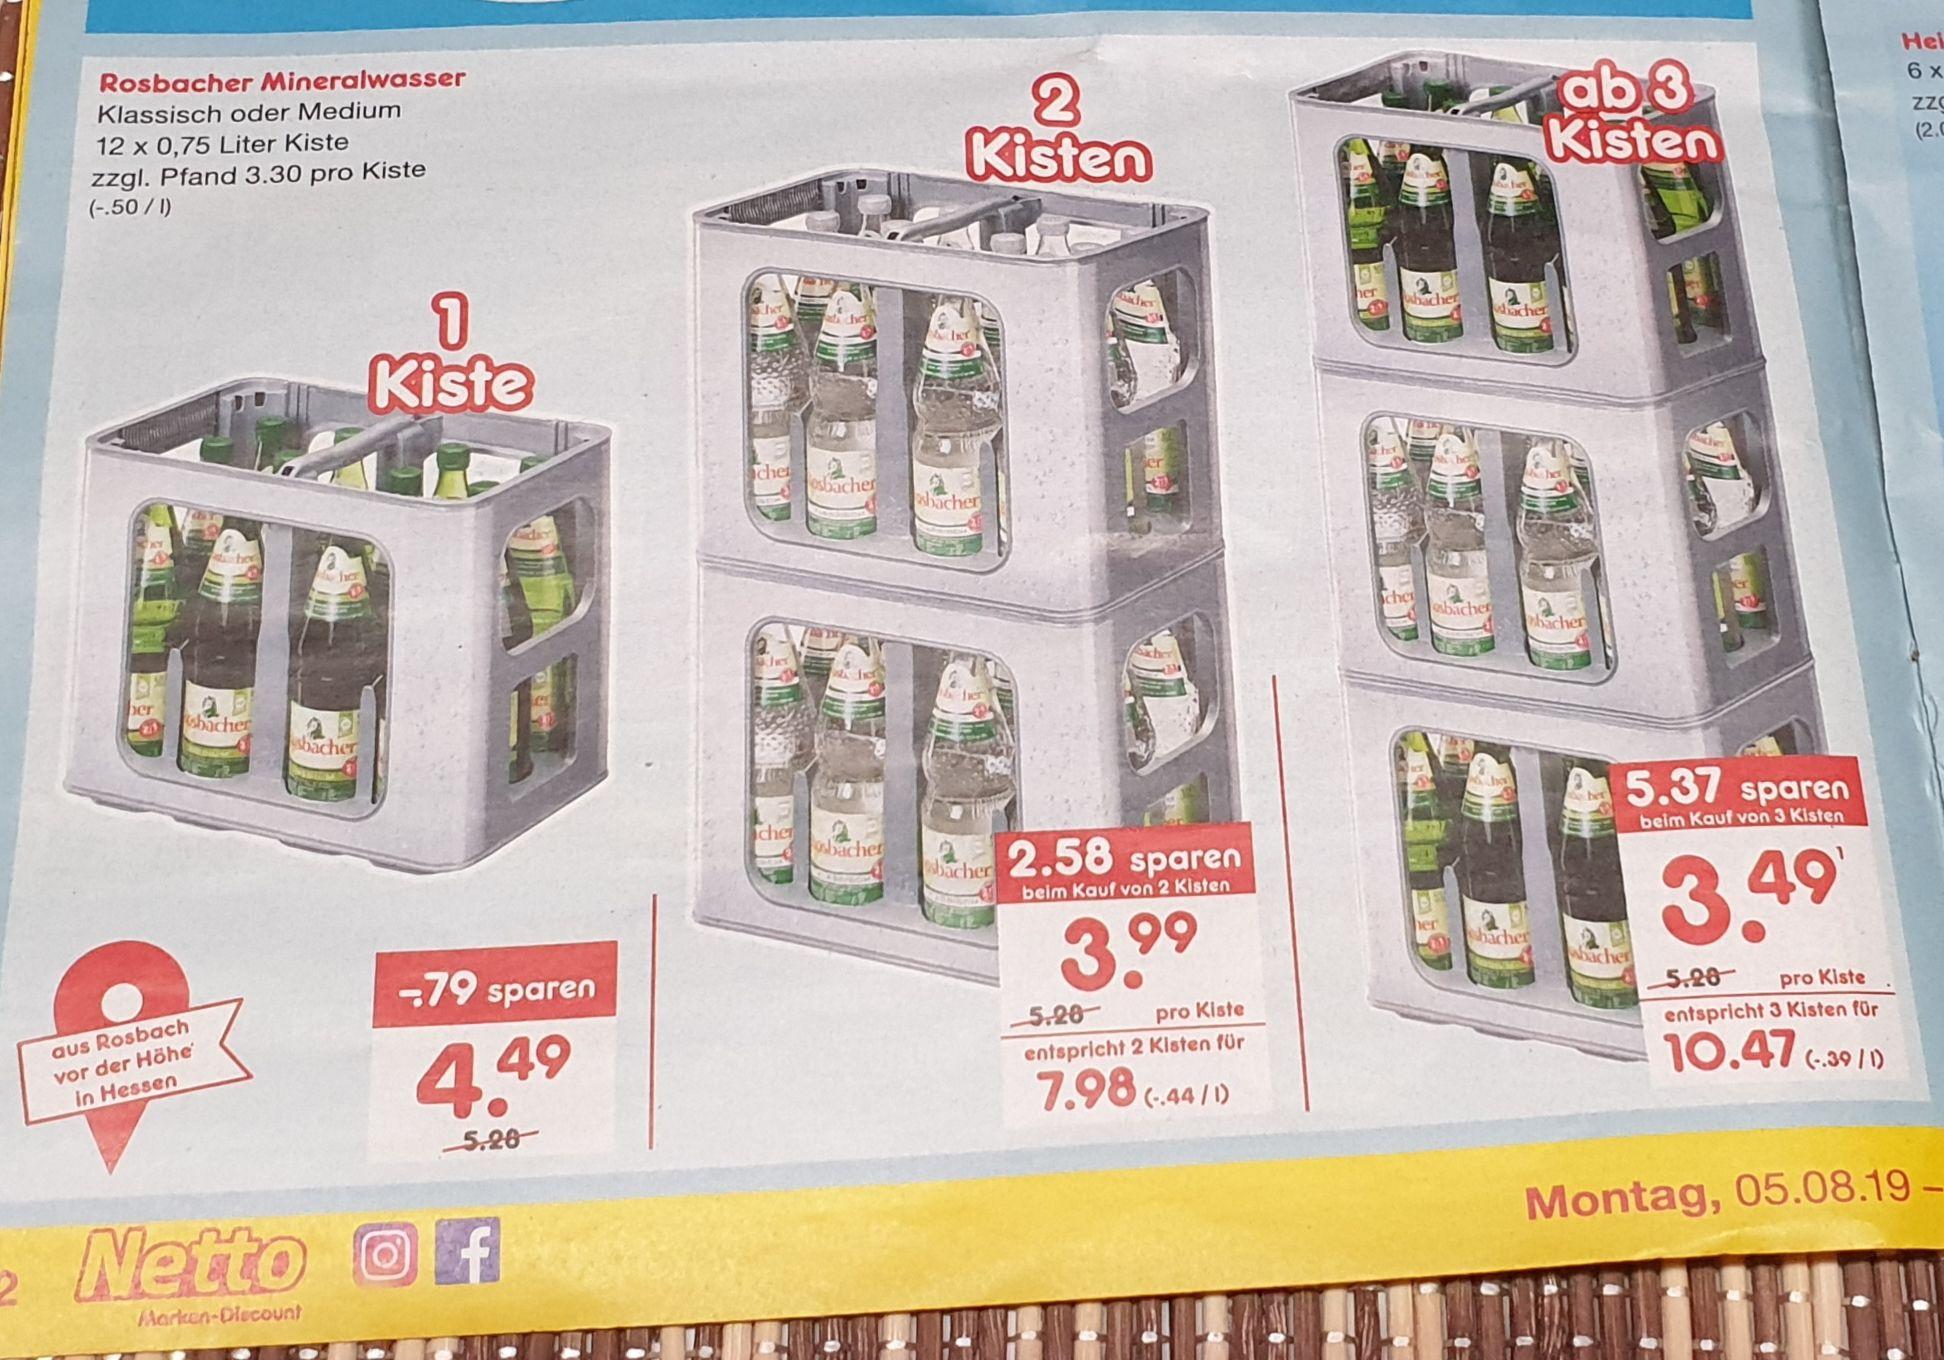 [Lokal RheinMain]NettoMD 3 Kisten Rosbacher 12x0,75 für 10,47€